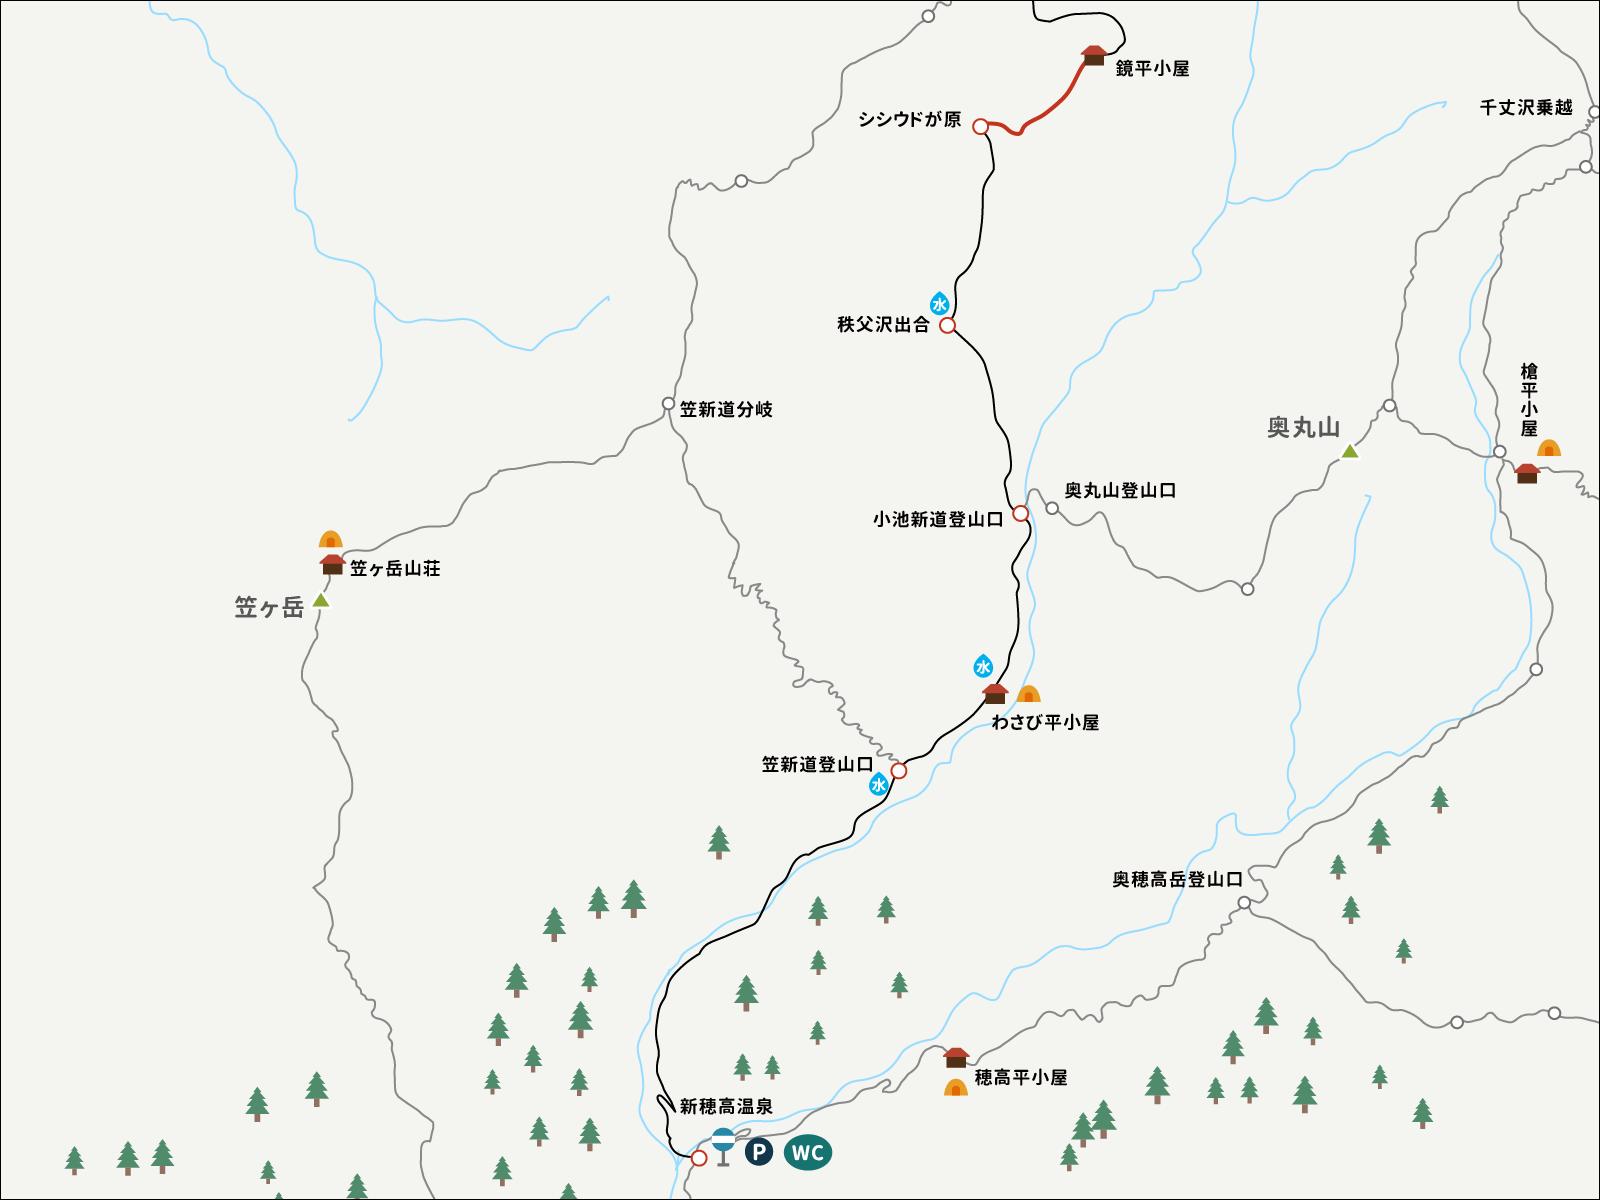 鏡平山荘からシシドウガ原までのイラストマップ